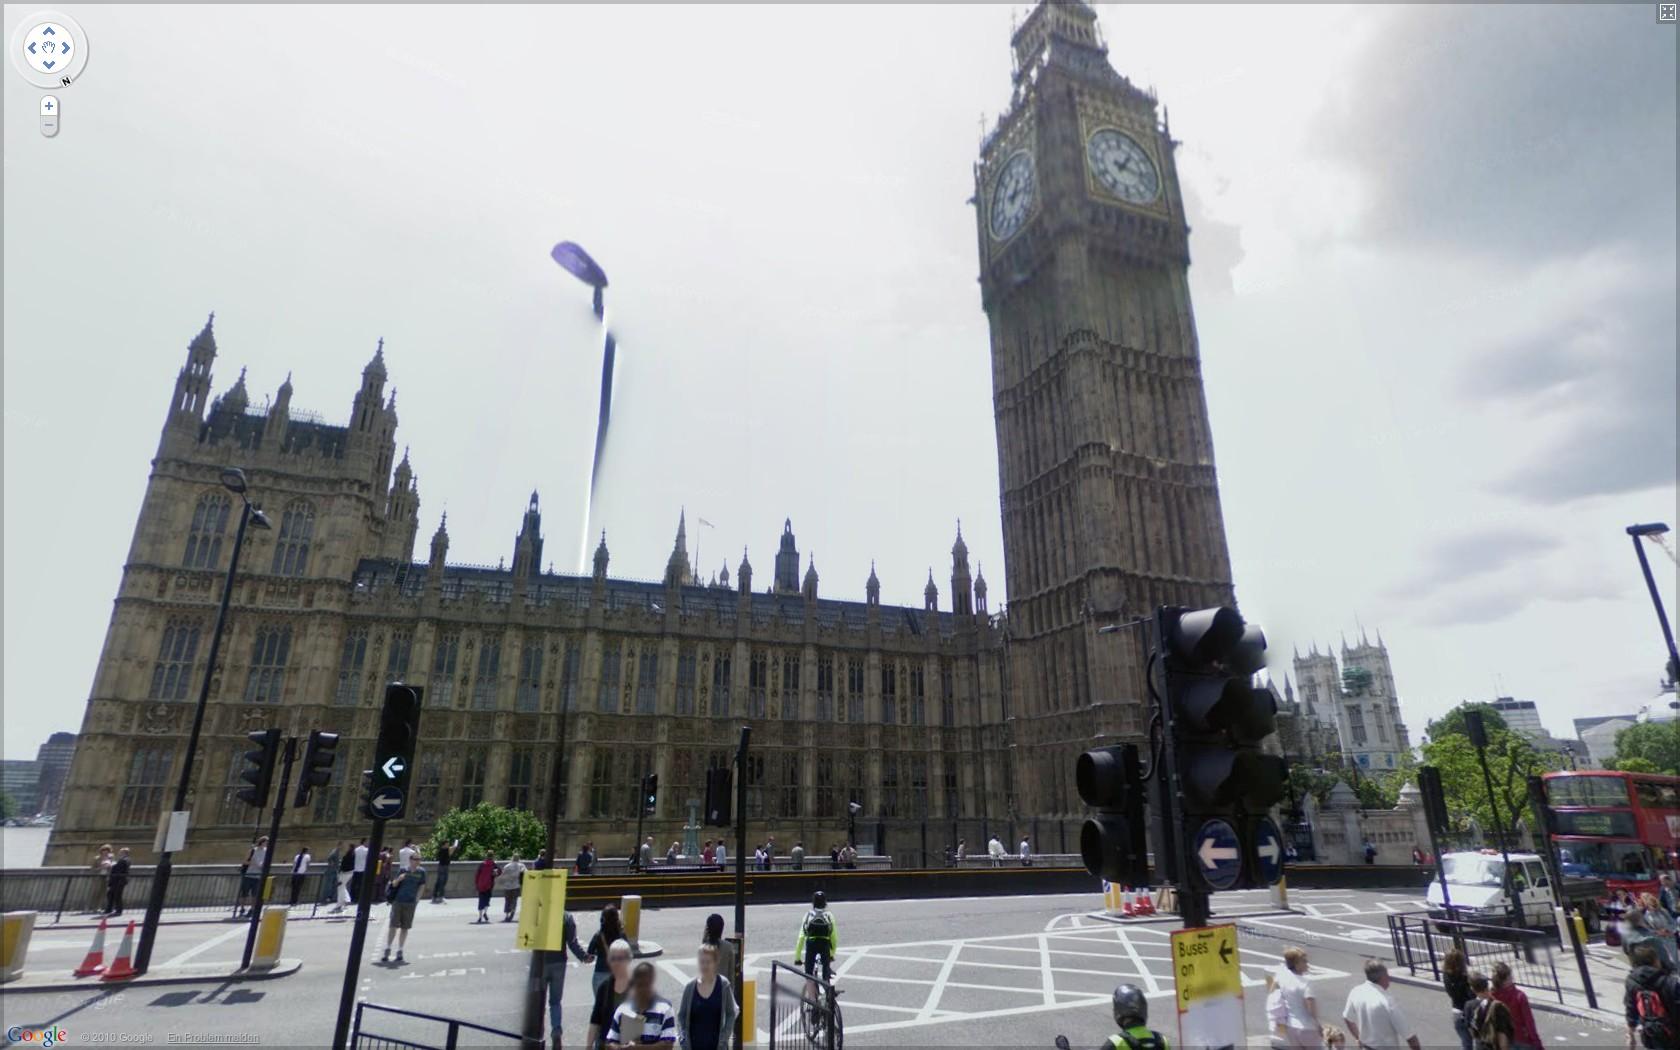 Street View: Das eigene Haus kann ab sofort verpixelt werden - Google Street View: Houses of Parliament in London